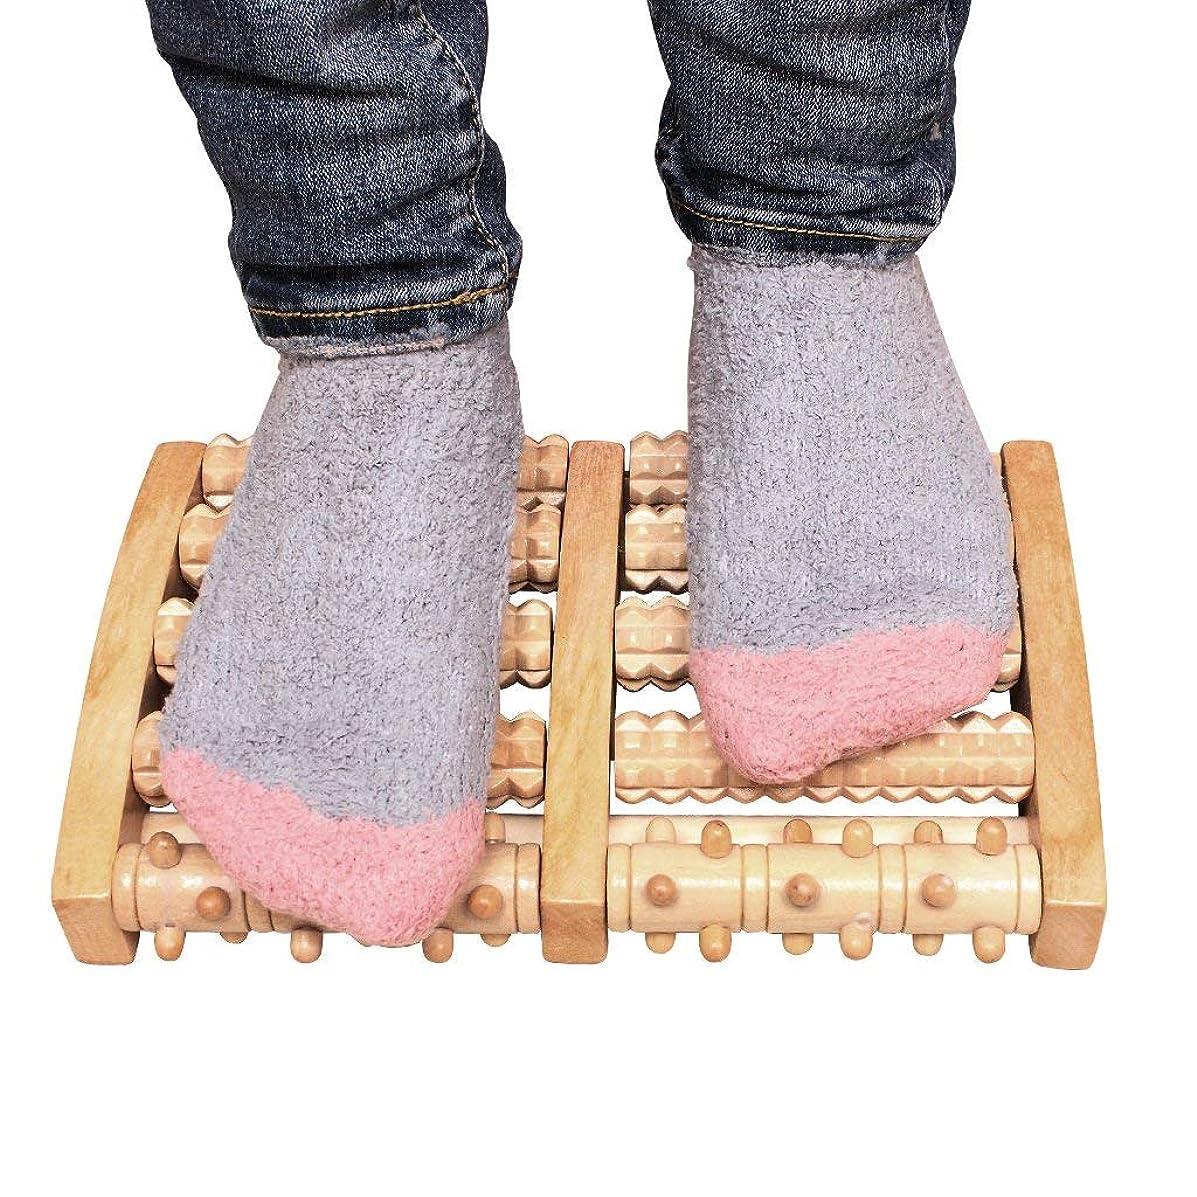 ニンニクペリスコープ産地木の二重足のマッサージャー、足底筋膜炎のためのローラーの痛みの軽減治癒拍車ディープティッシュ指圧フット&ヒールマッサージャー